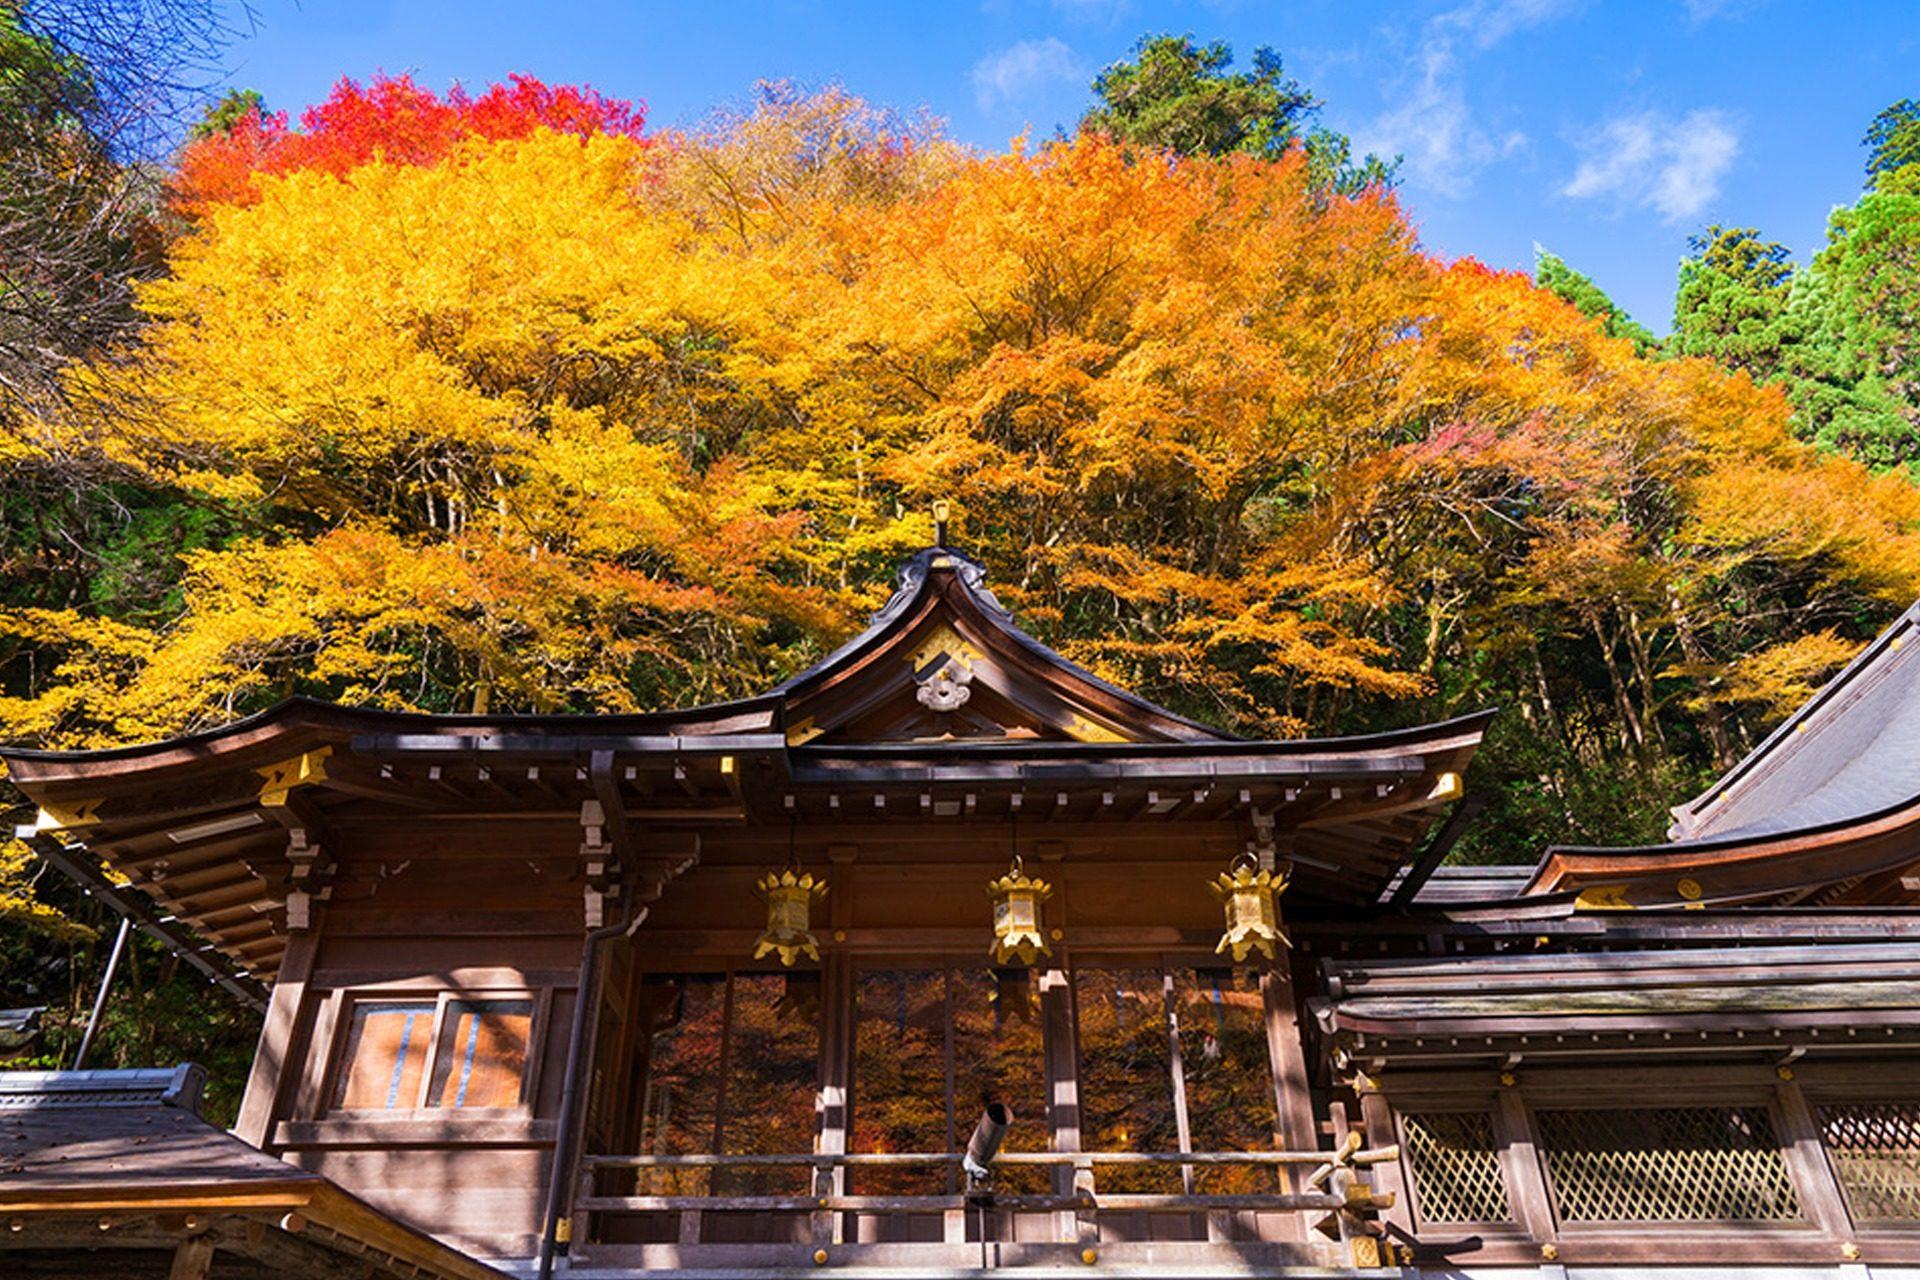 貴船神社 京都 紅葉